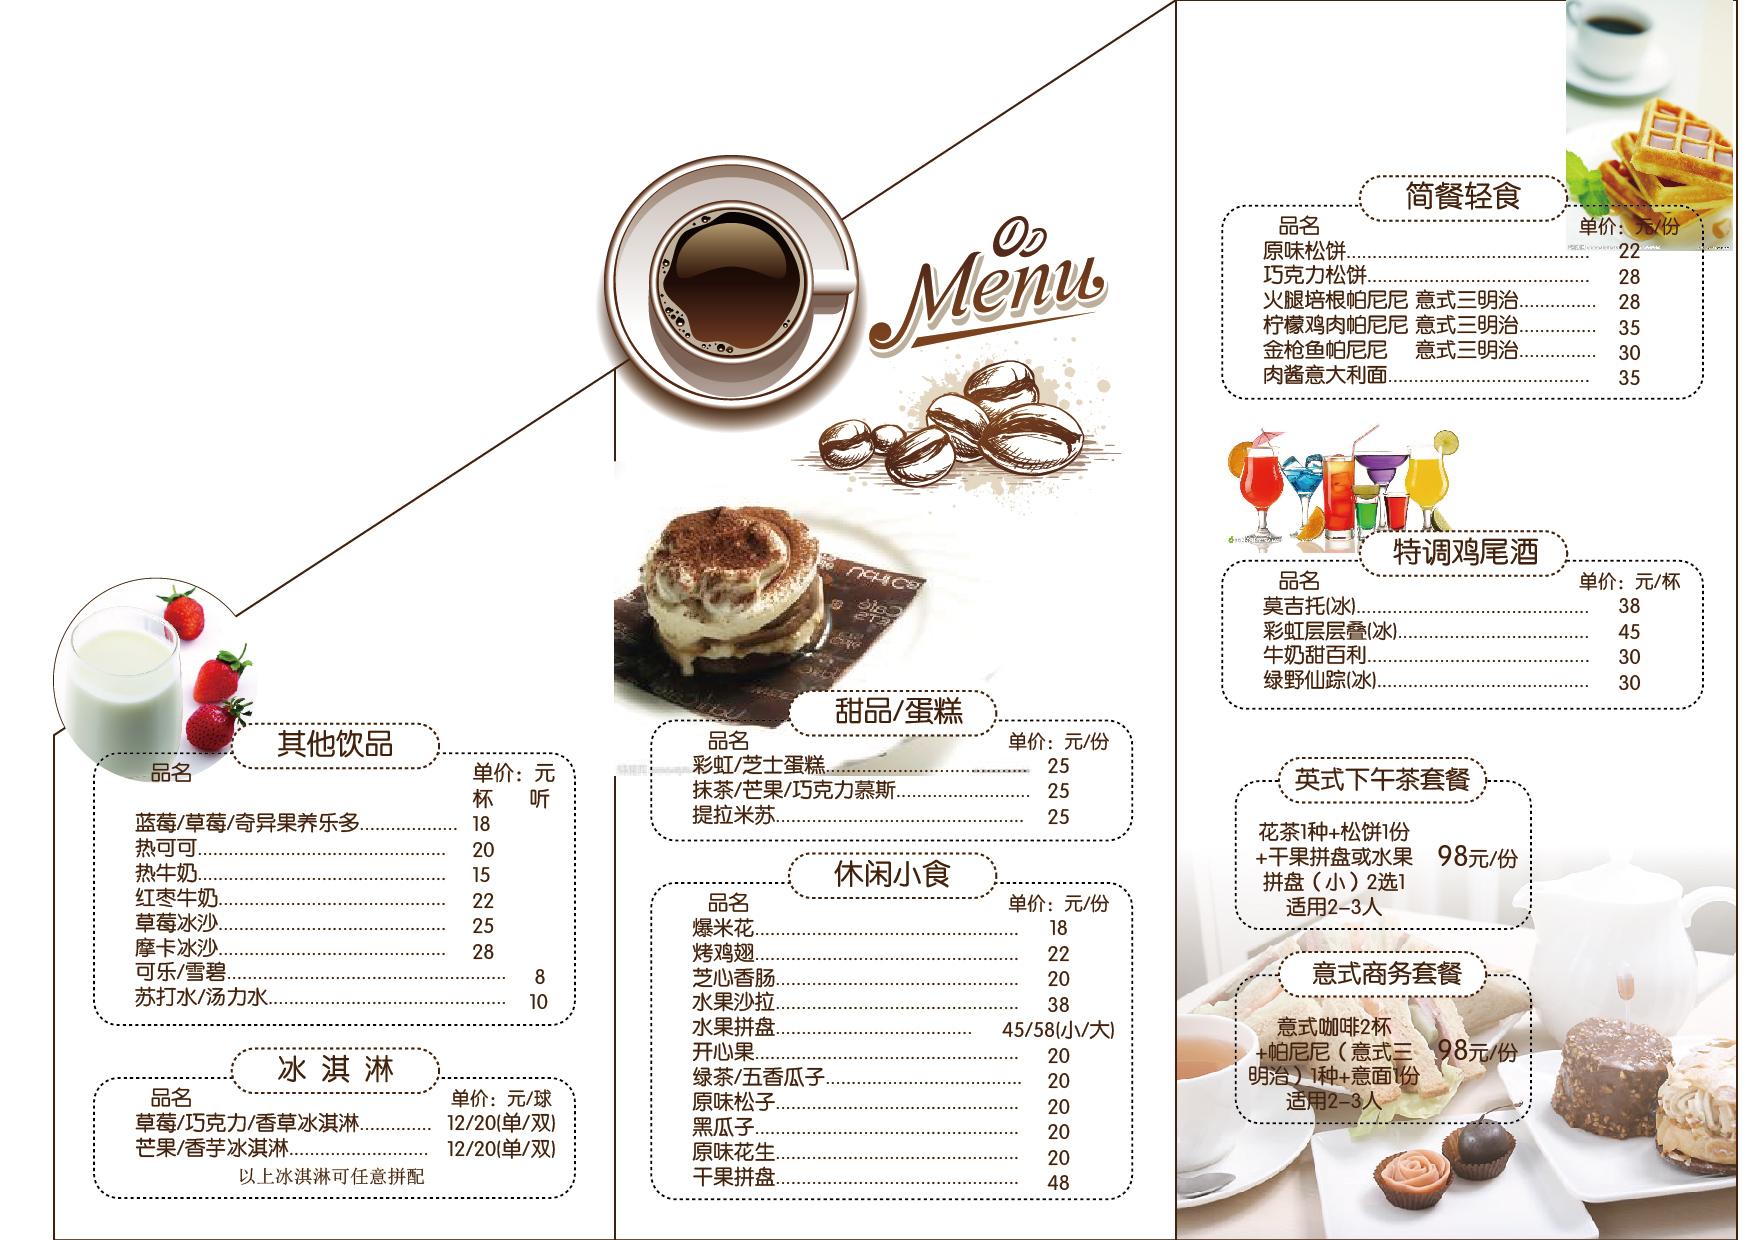 咖啡厅菜单三折页-02.jpg(846.05k)